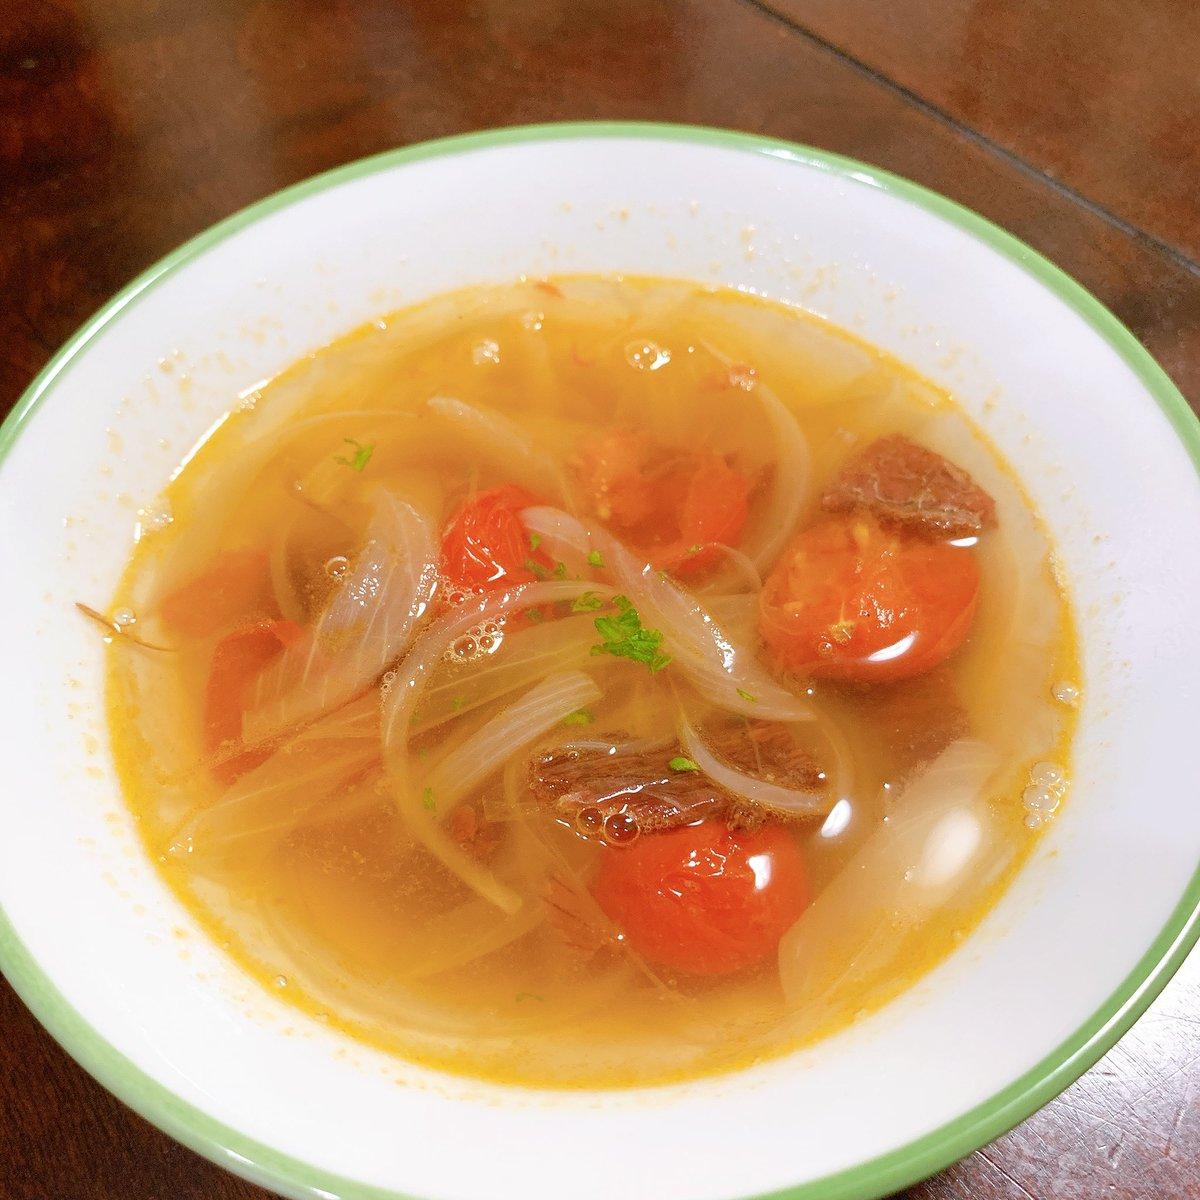 今日の迷料理「ビーフジャーキーのピリ辛スープ」〜作者の思い〜辛くて食べれなかったビーフジャーキーのリメイク。ビーフジャーキーの出汁を存分に絞り出した一品。なかなか美味かった作り方はこちら↓